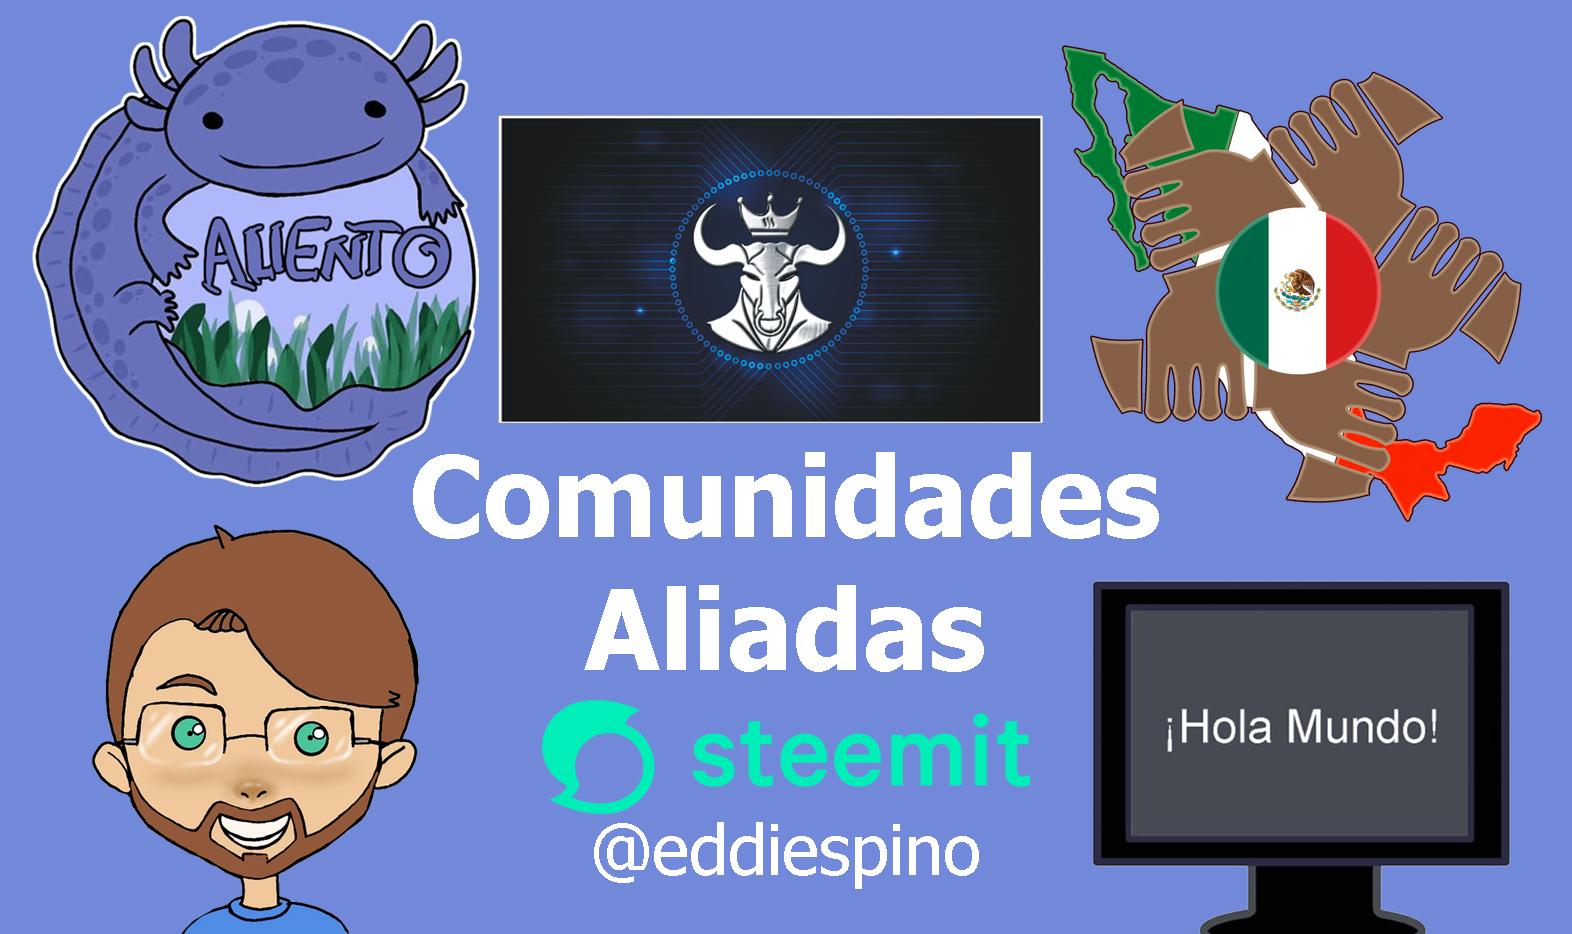 comunidades_aliadas